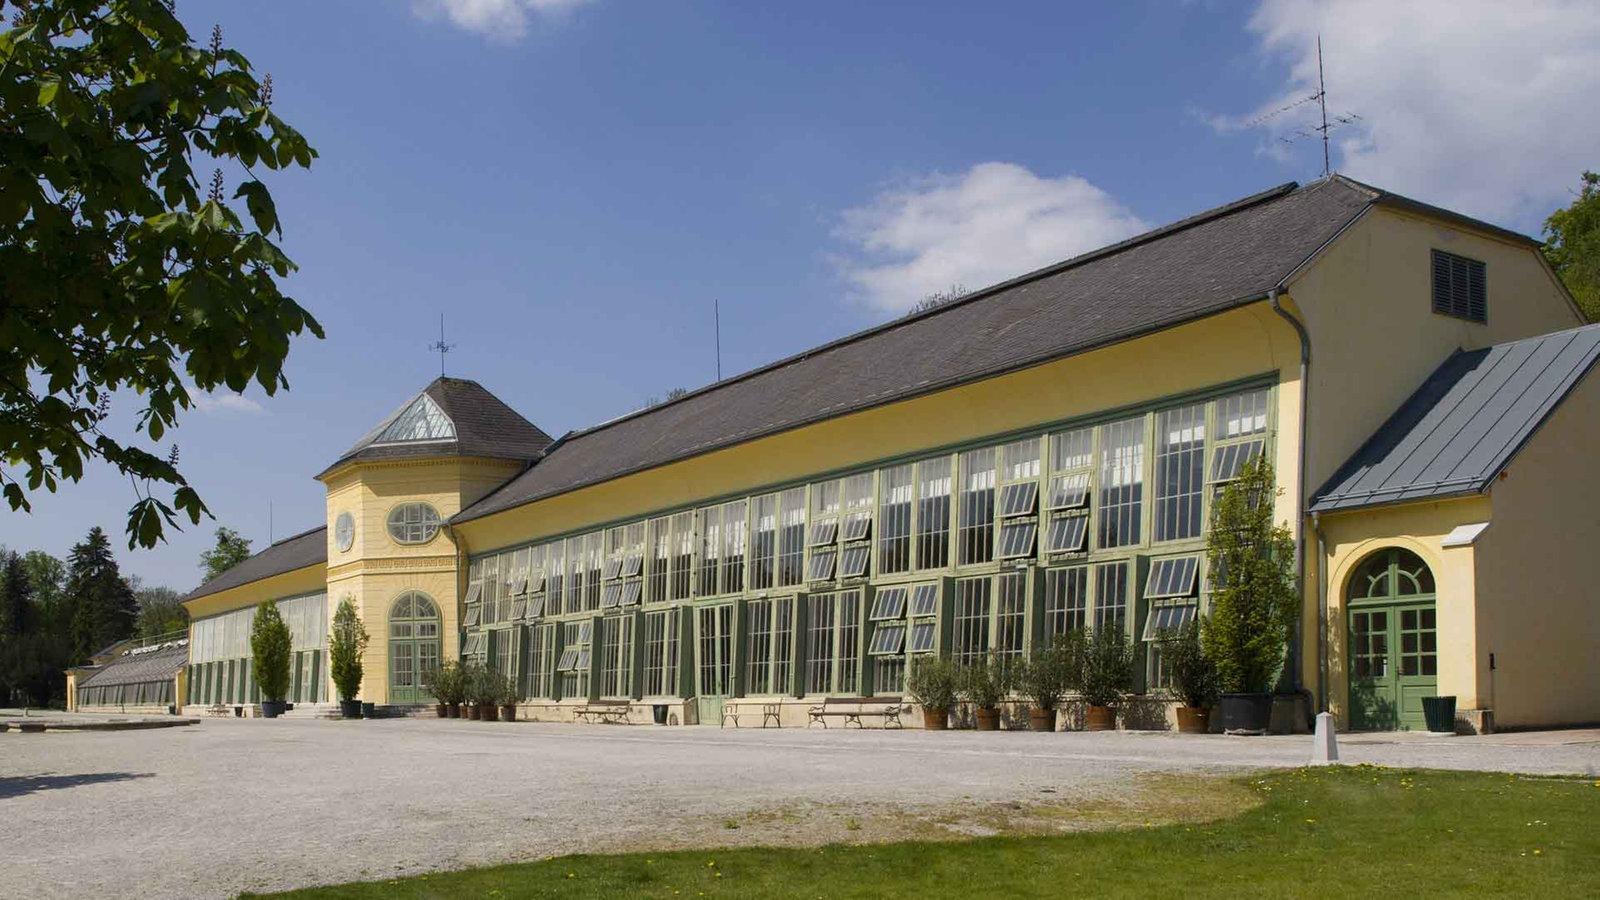 Bauten und stilelemente barockg rten neuzeit geschichte planet wissen - Spiegel orangerie ...